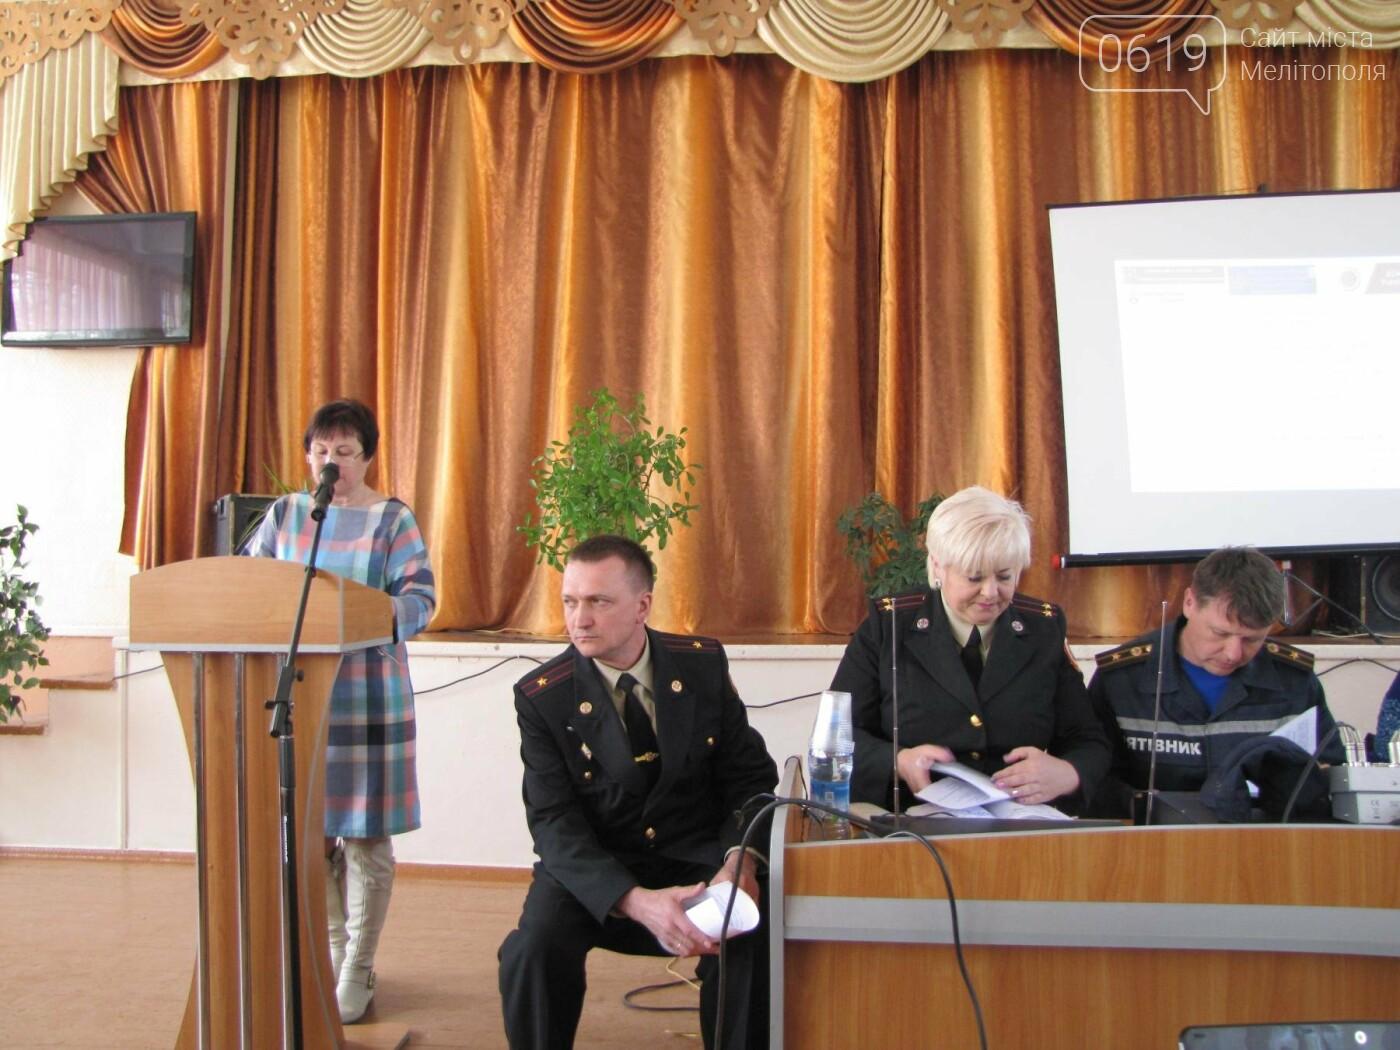 Мелитопольским учителям и воспитателям напомнили о правилах пожарной безопасности , фото-7, Фото сайта 0619